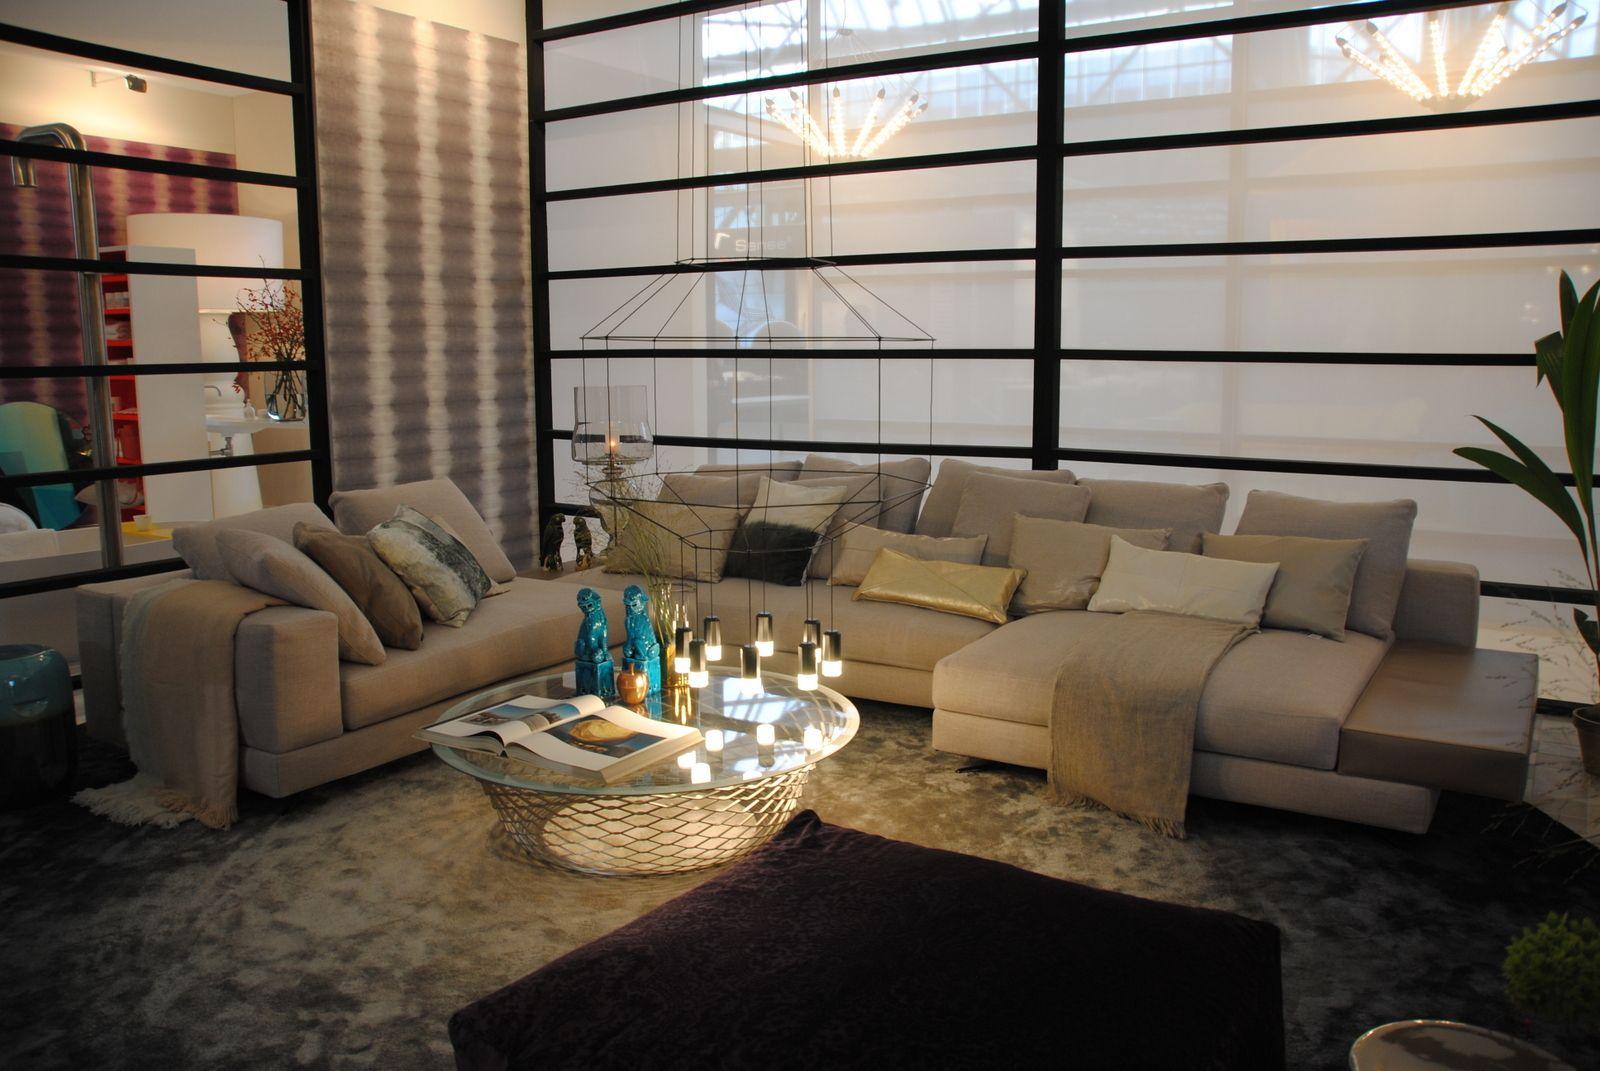 Het eigen huis and interieur en more than classic woonhuis for Eigen huis en interieur aanbieding